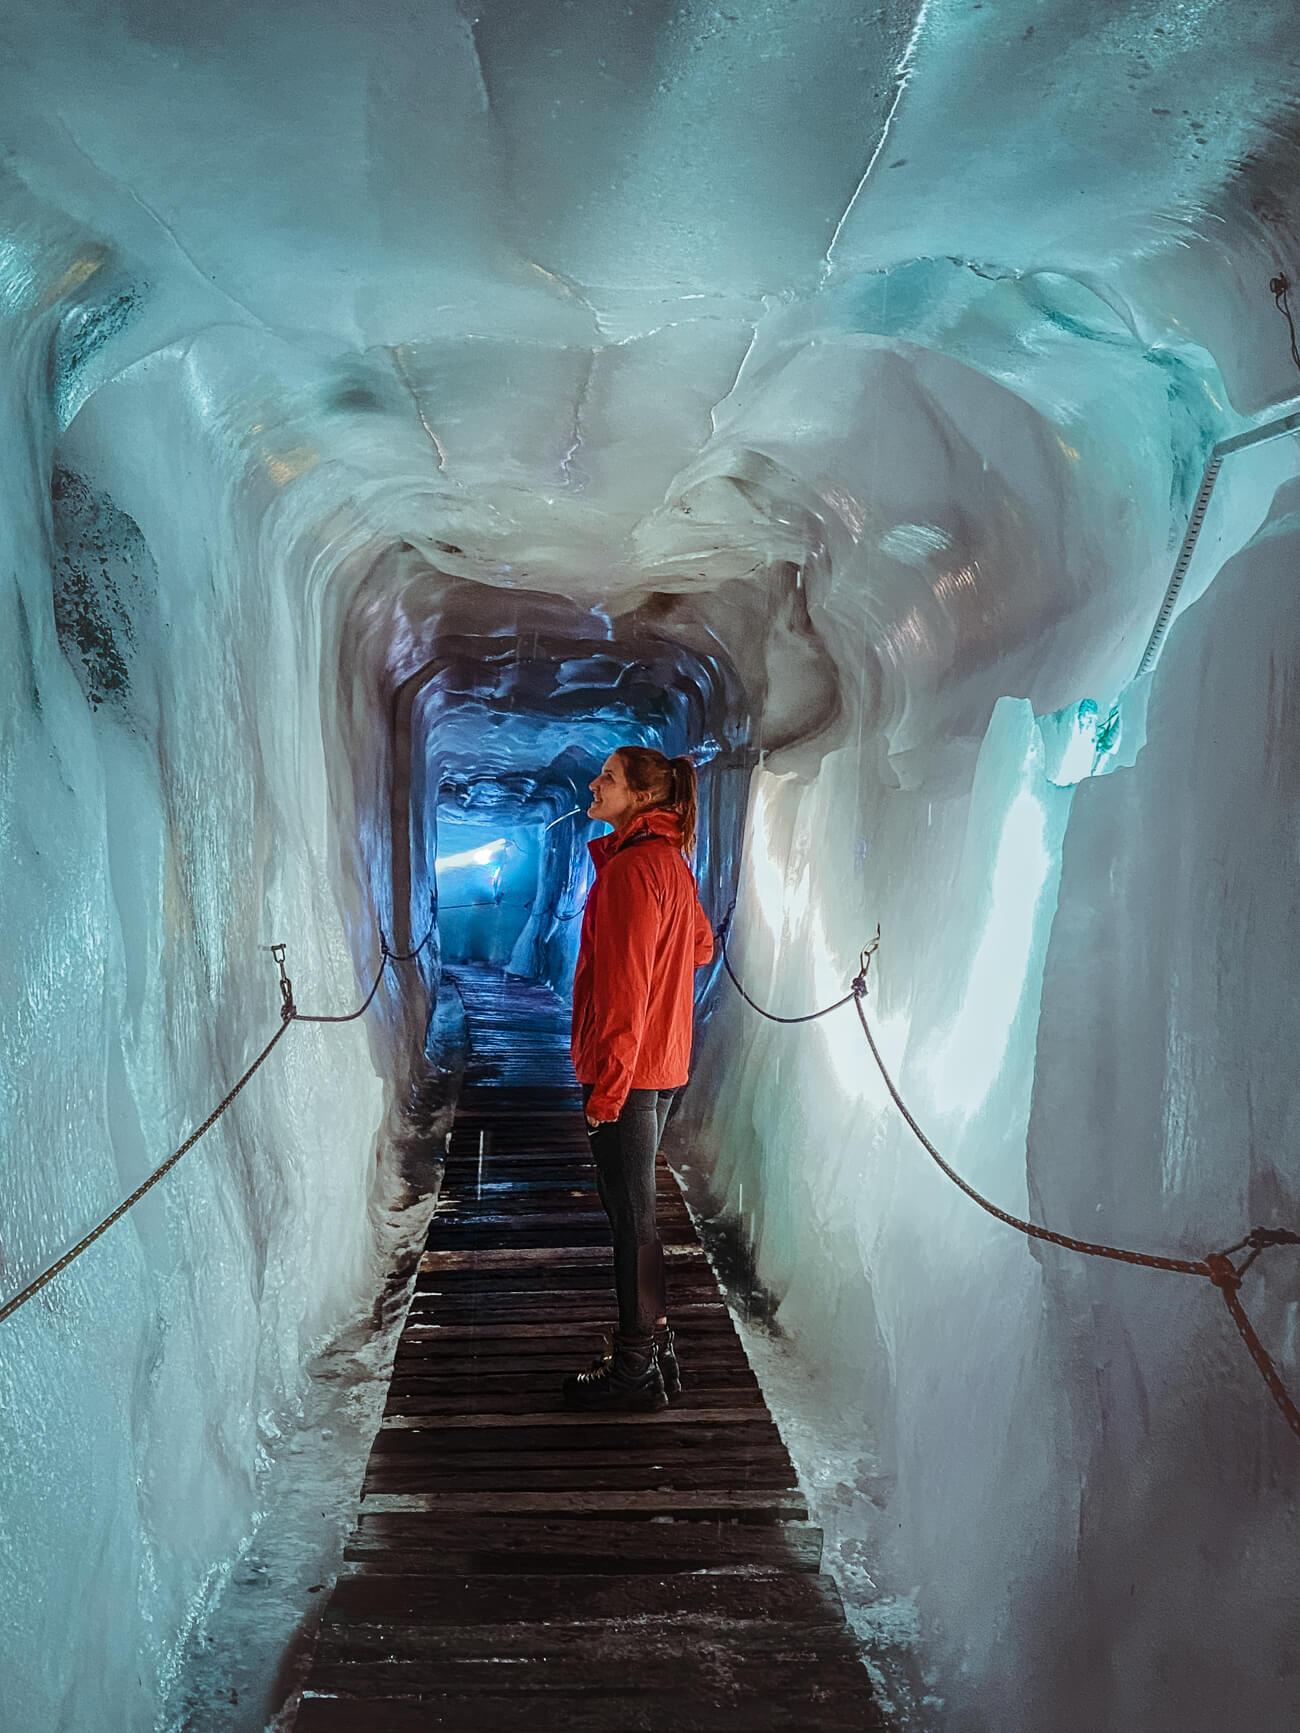 begehbare Gletscherspalte